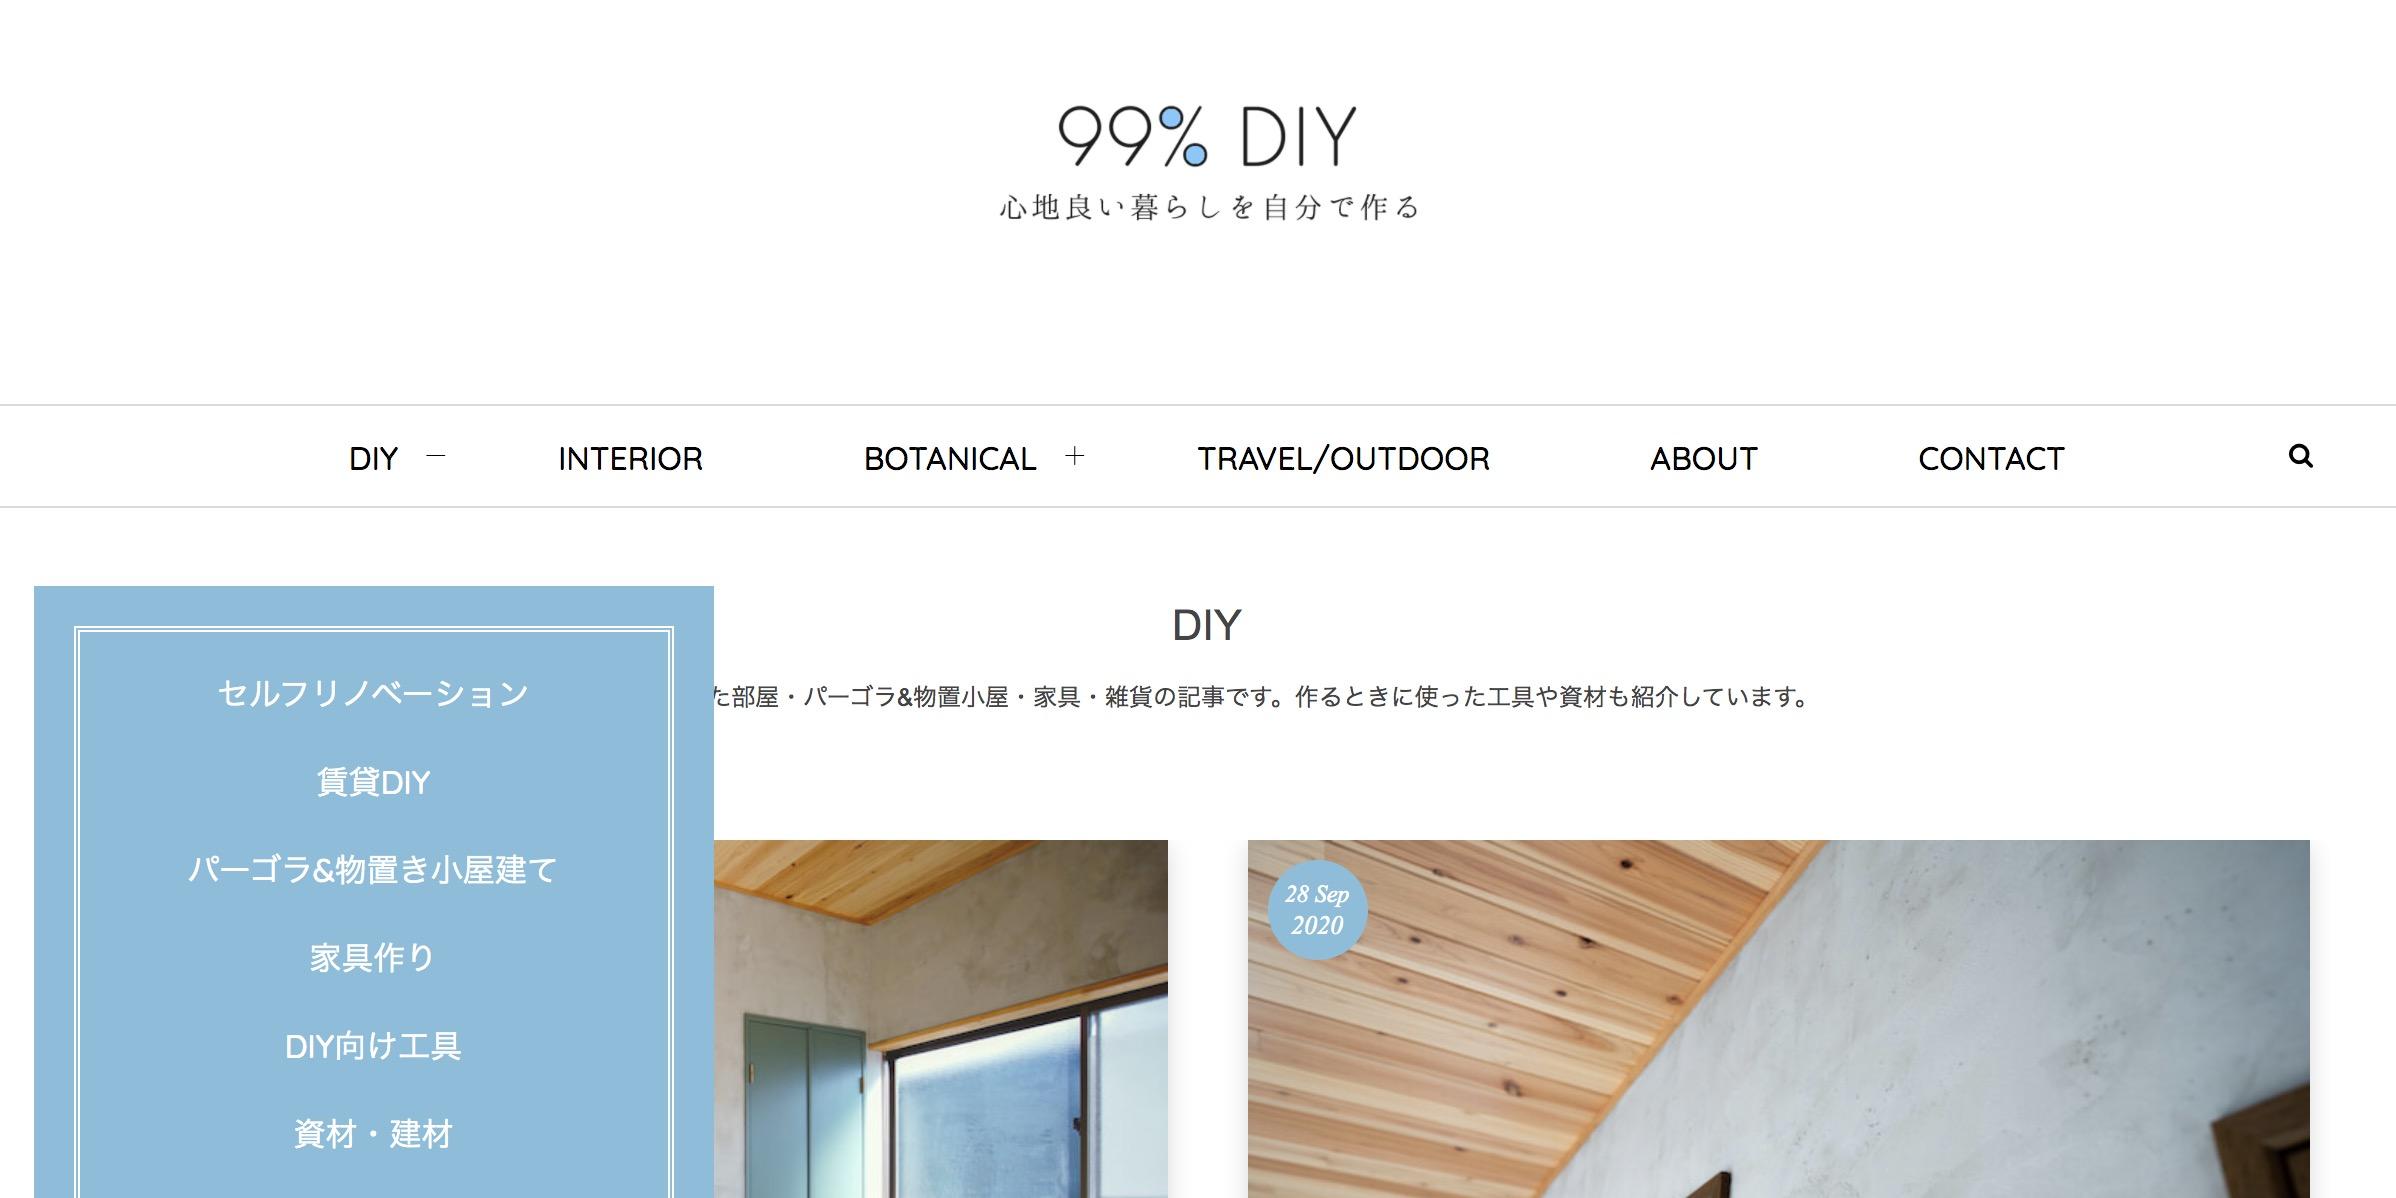 【99% DIY】